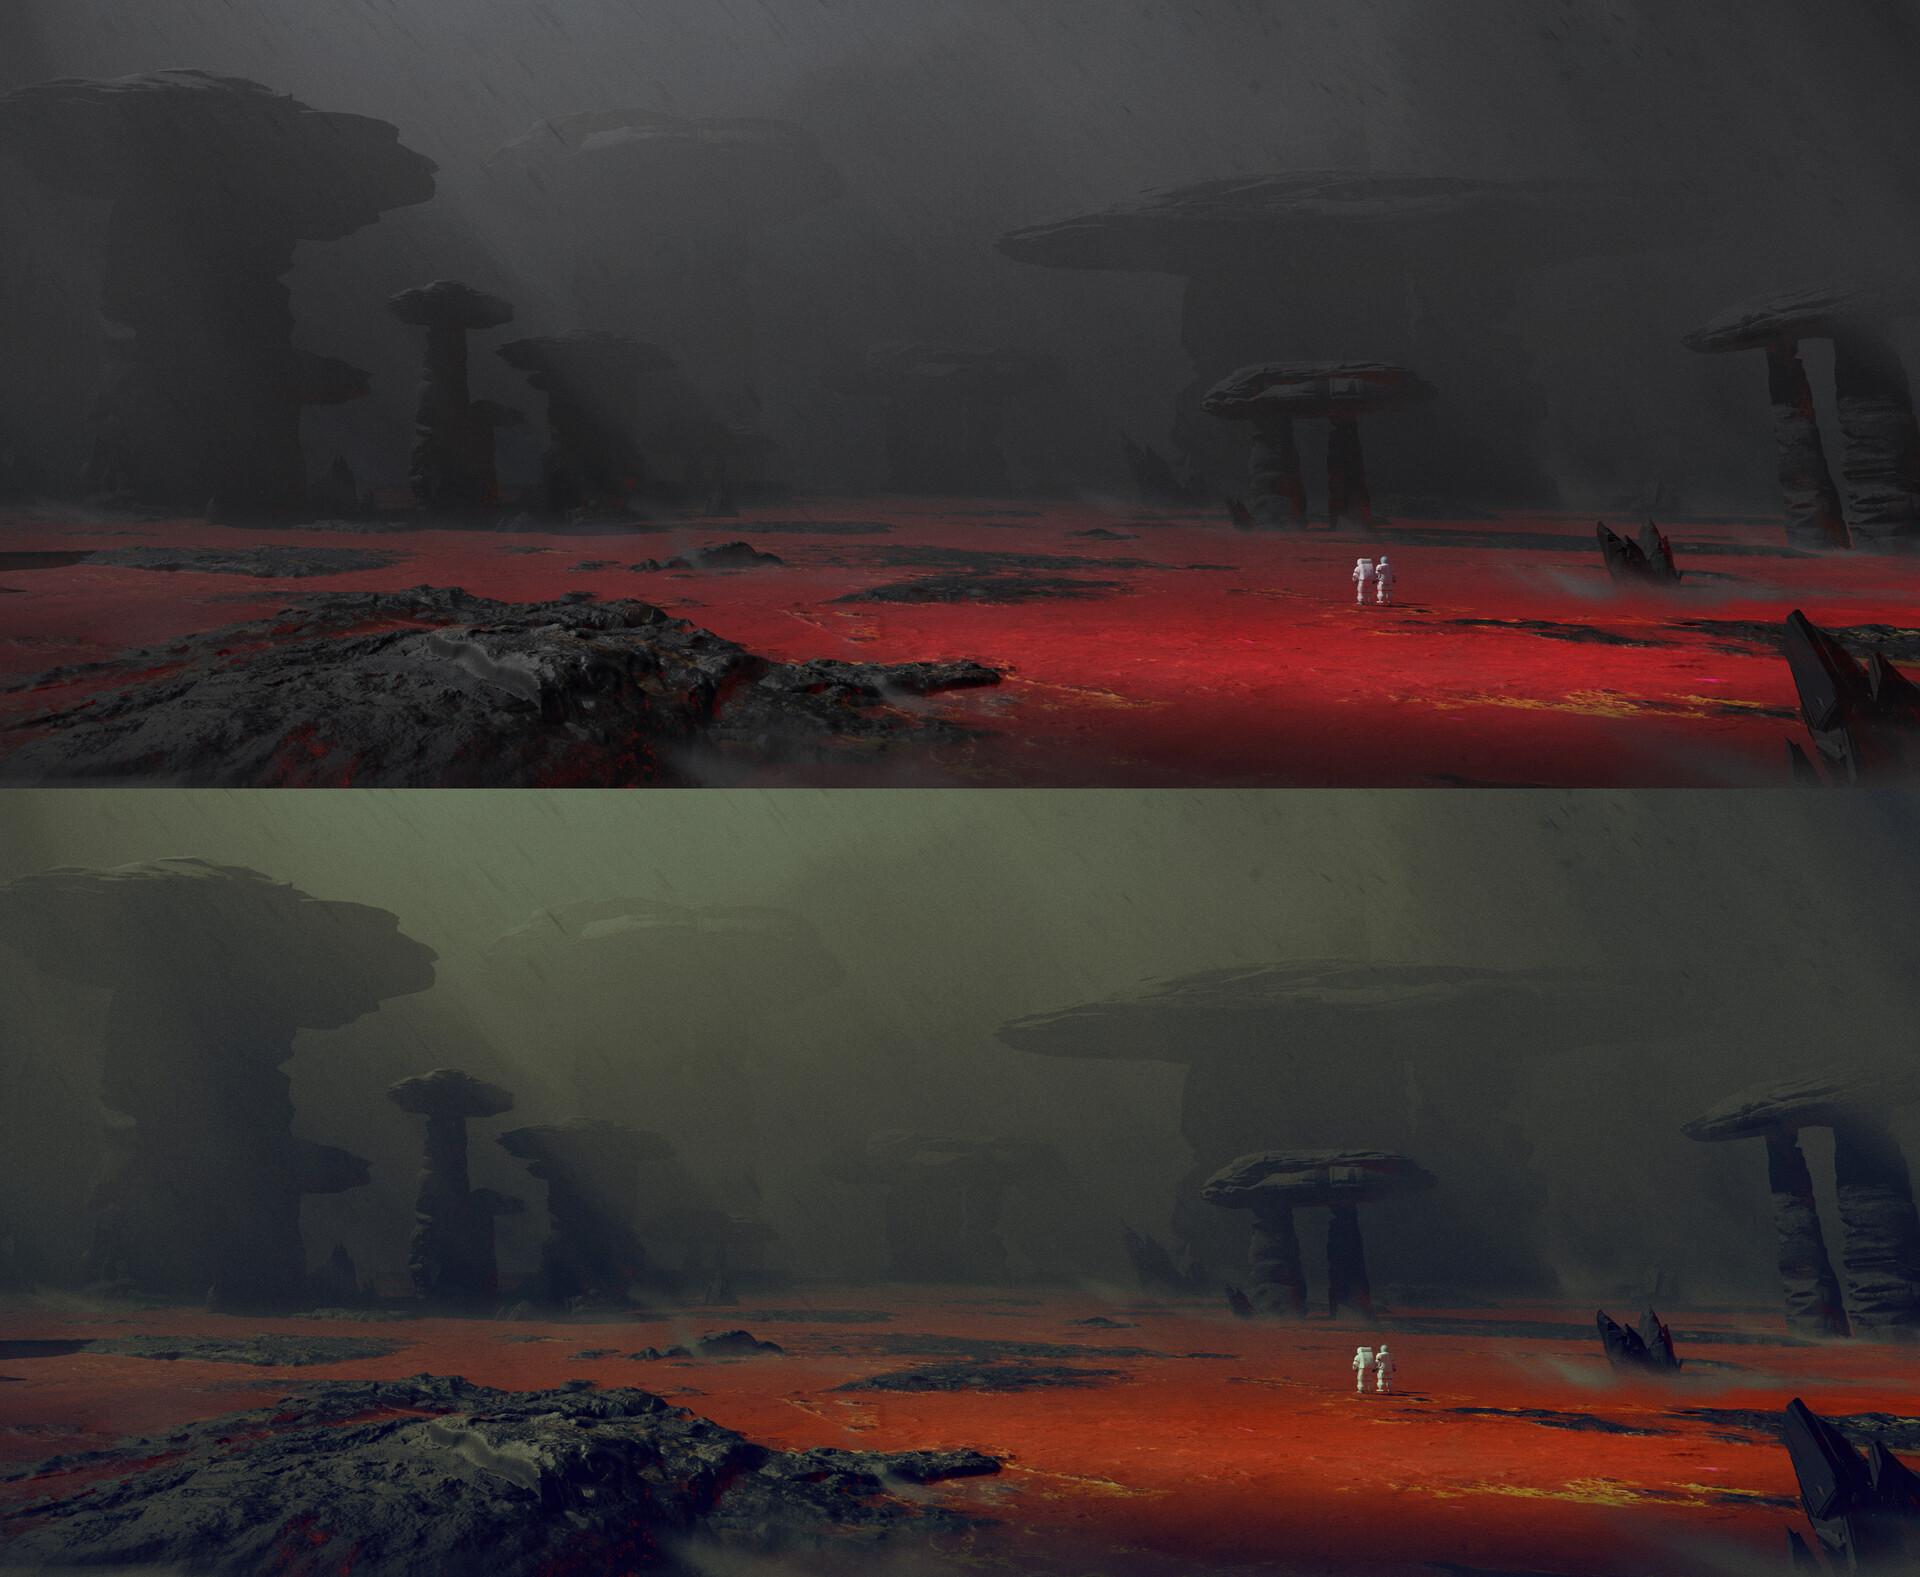 Sathish kumar alienplanet mood variation